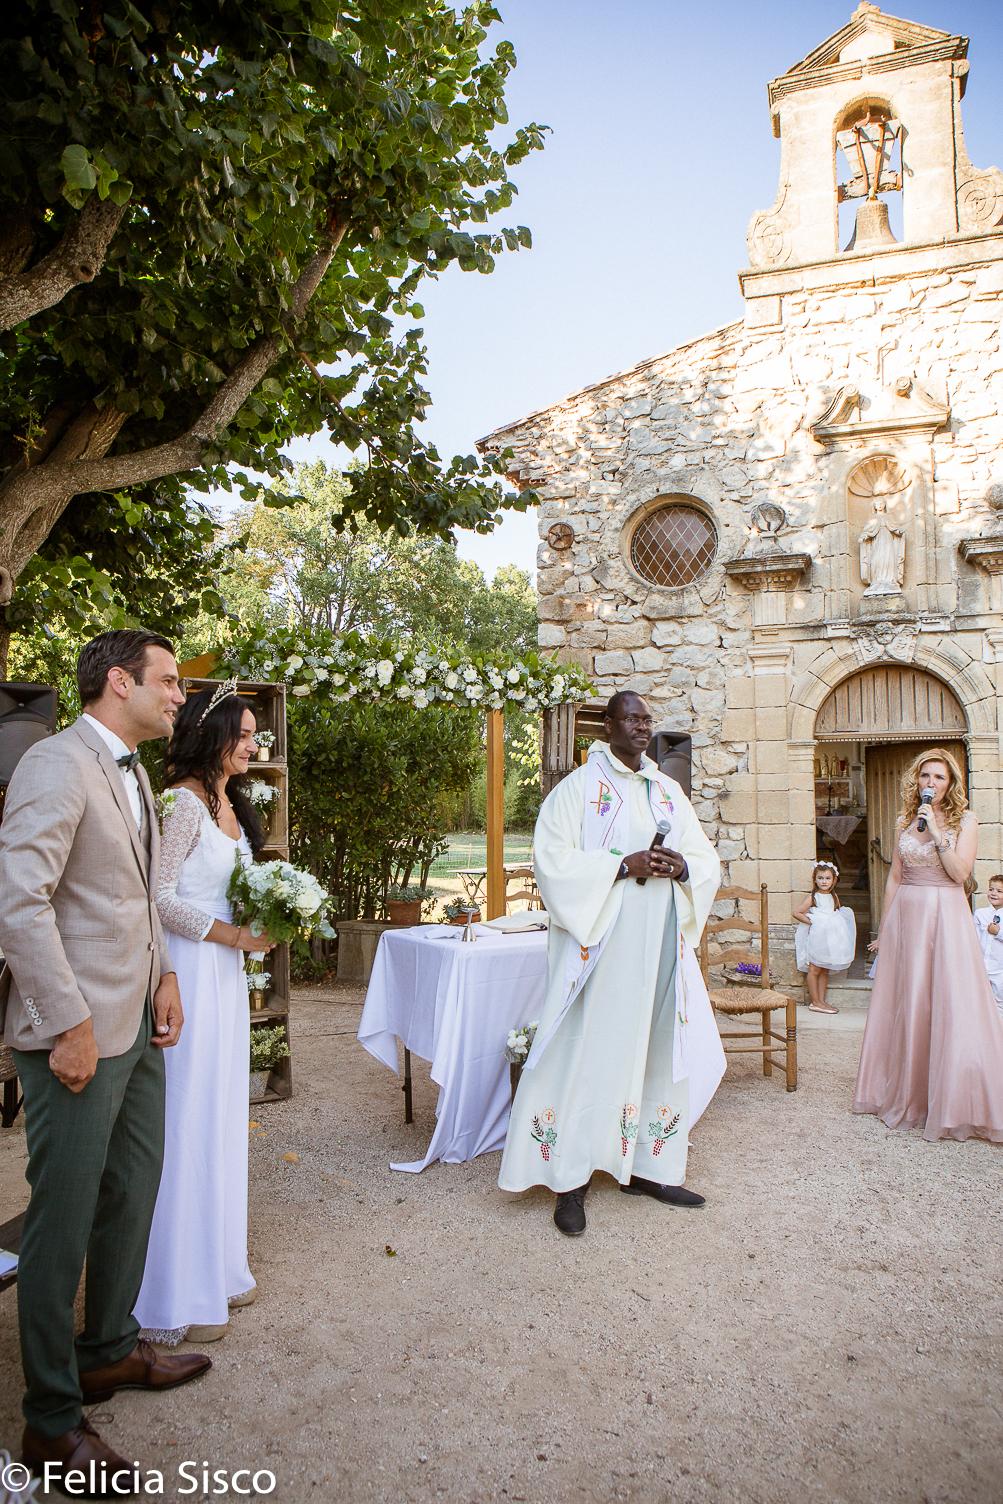 aria chanteuse messe mariage eglise chant lyrique animation liturgique prêtre mariage à l'église